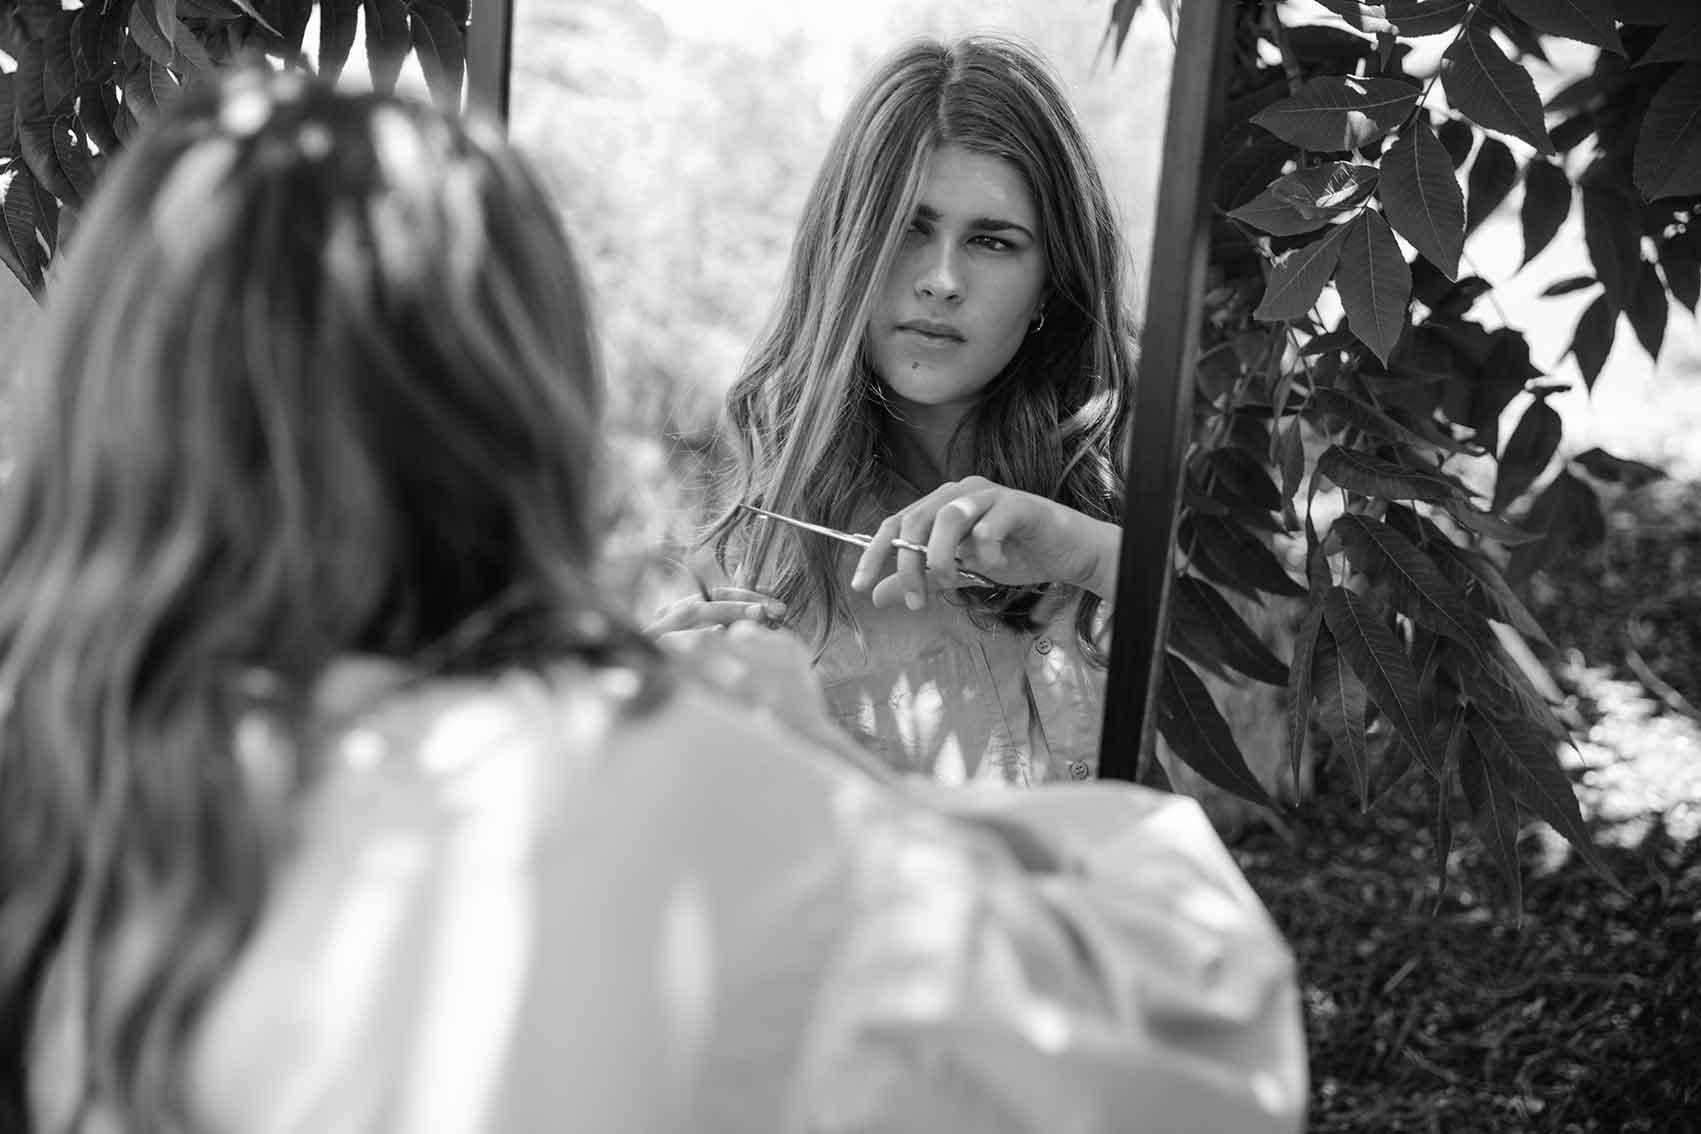 מגזין אופנה ישראליהפקת אופנה באווירה כפרית -